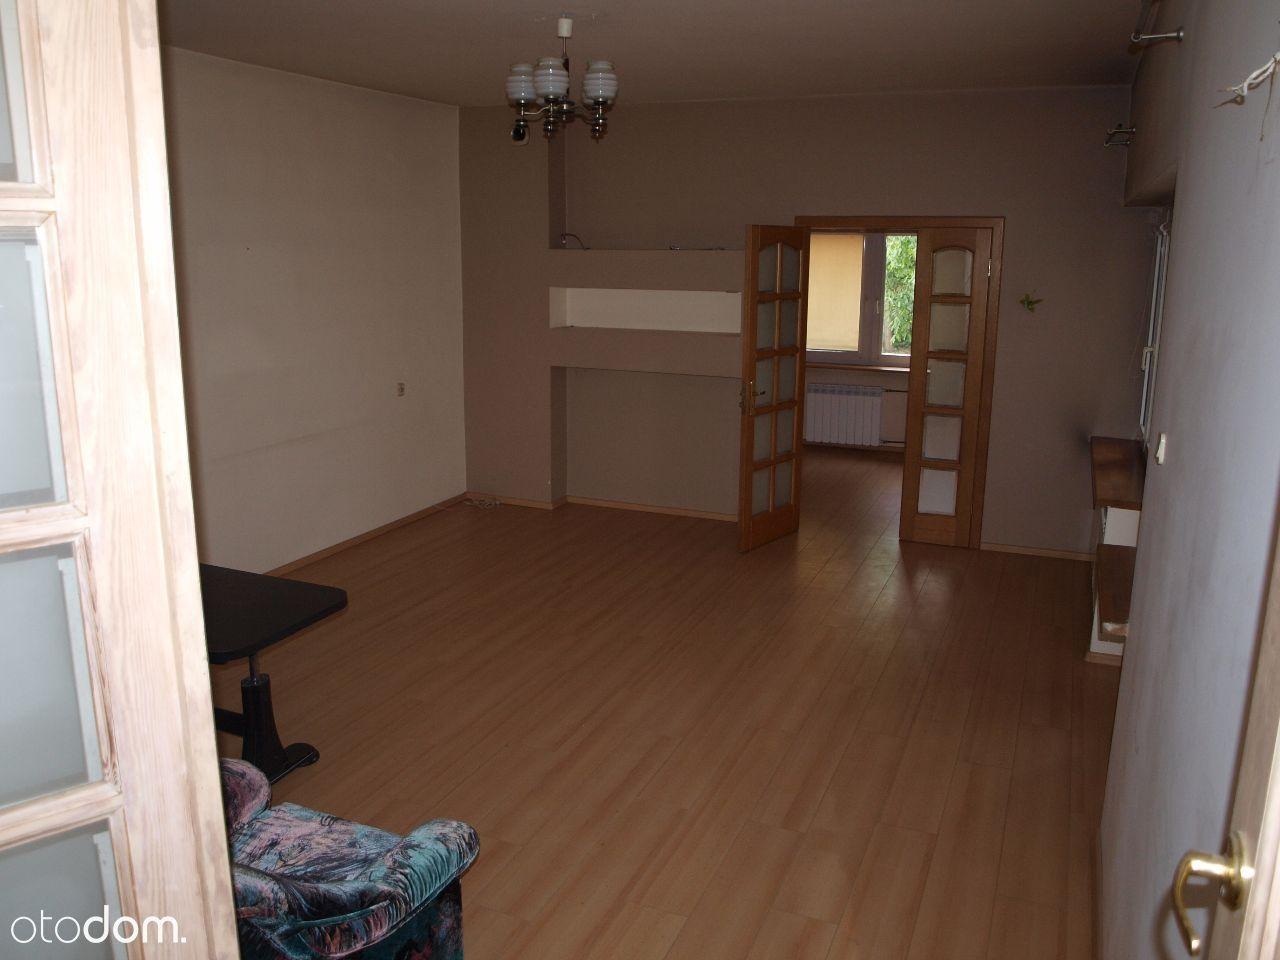 9154169_3_1280x1024_okazja-piekny-dom-180-m2-pow-uzytkowej-domy